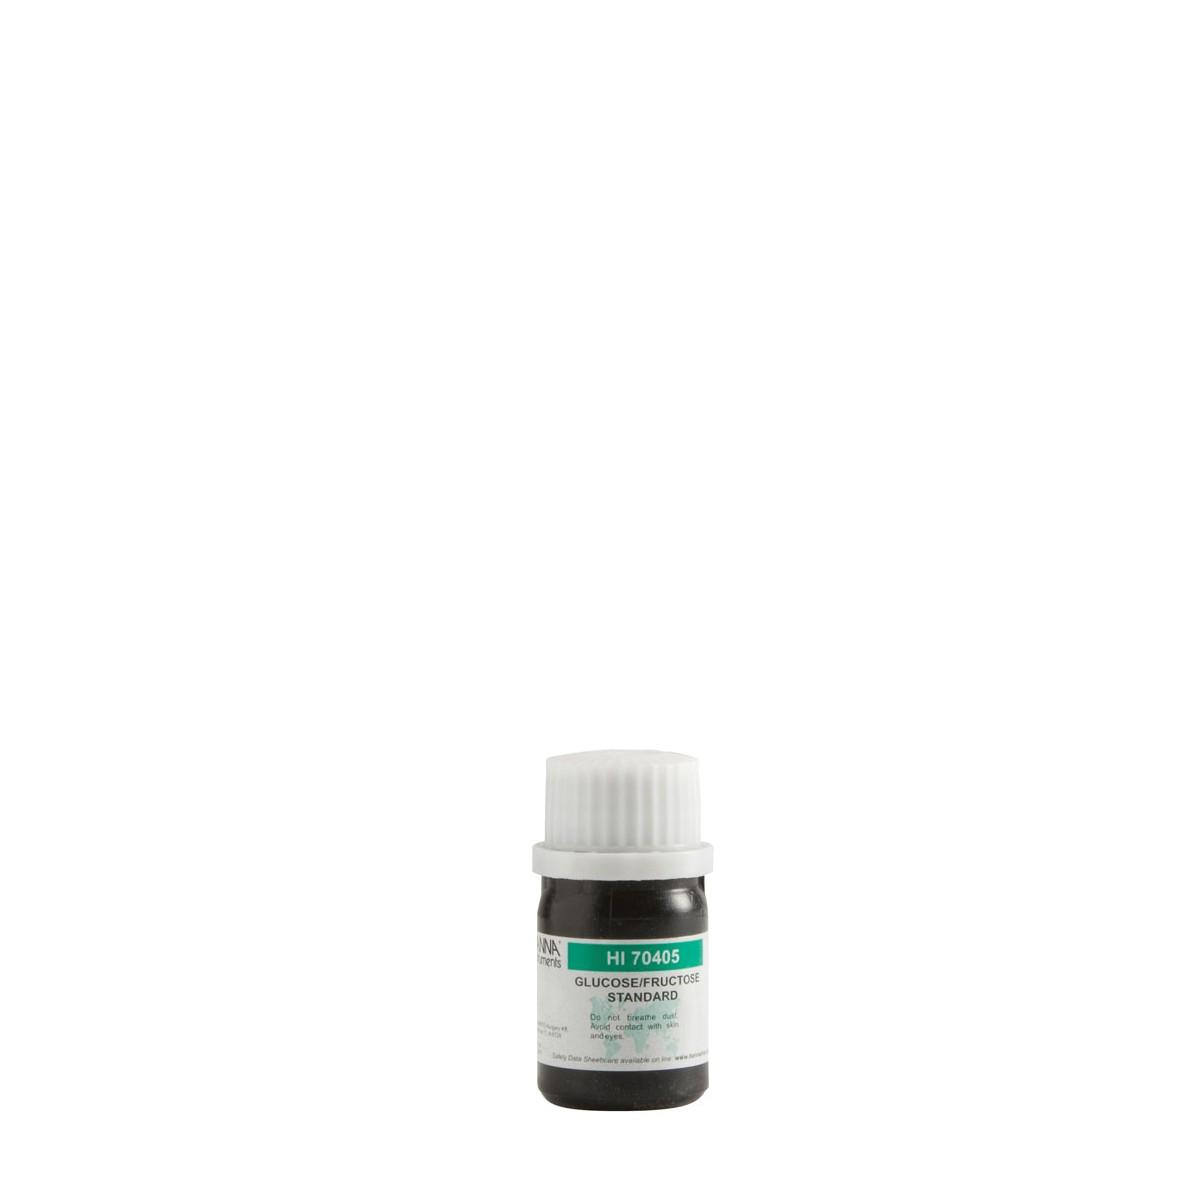 Glucose/Fructose Standard Reagent, 20 g - HI70405